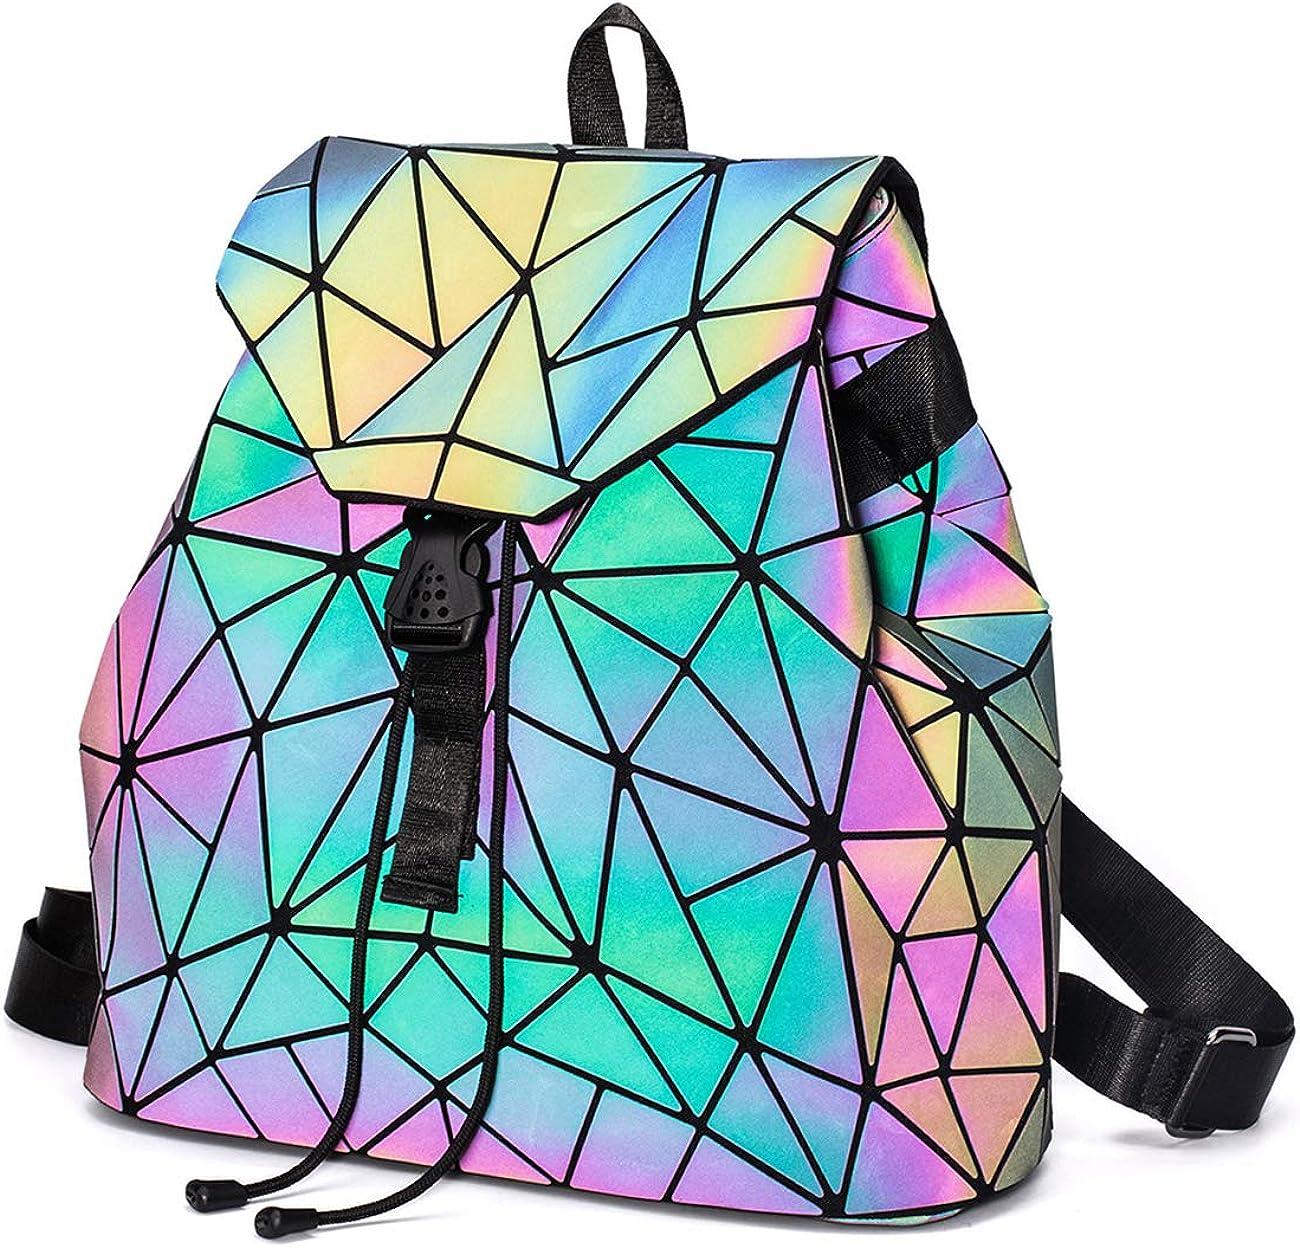 丿 Geometric Luminous Women Purse Holographic Reflective Flash Colorful Daypacks